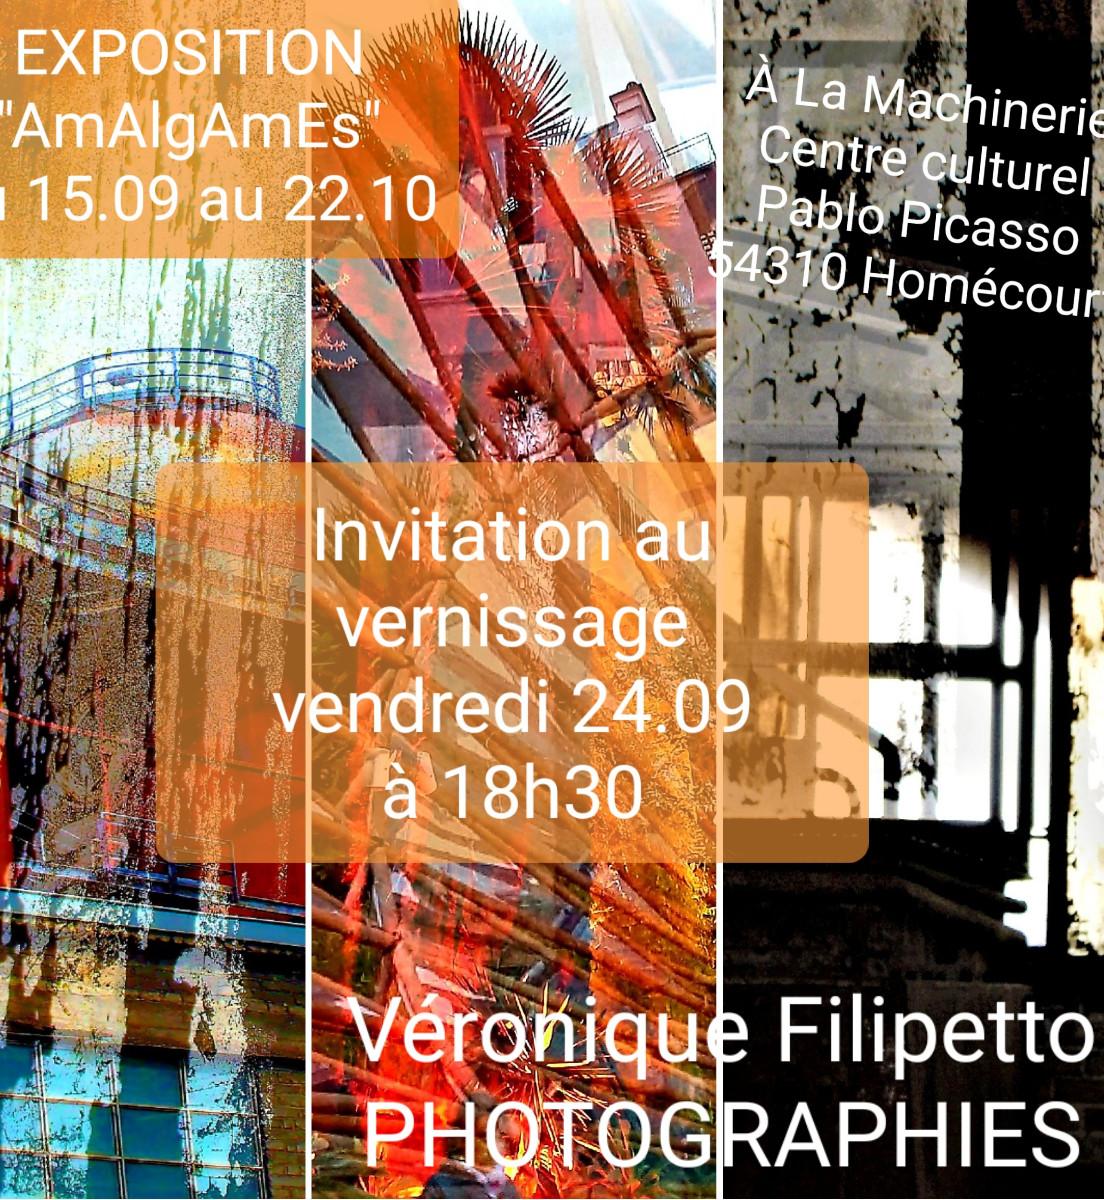 AmAlgAmEs. EXPOSITION DE PHOTOGRAPHIES sur le site d'ARTactif